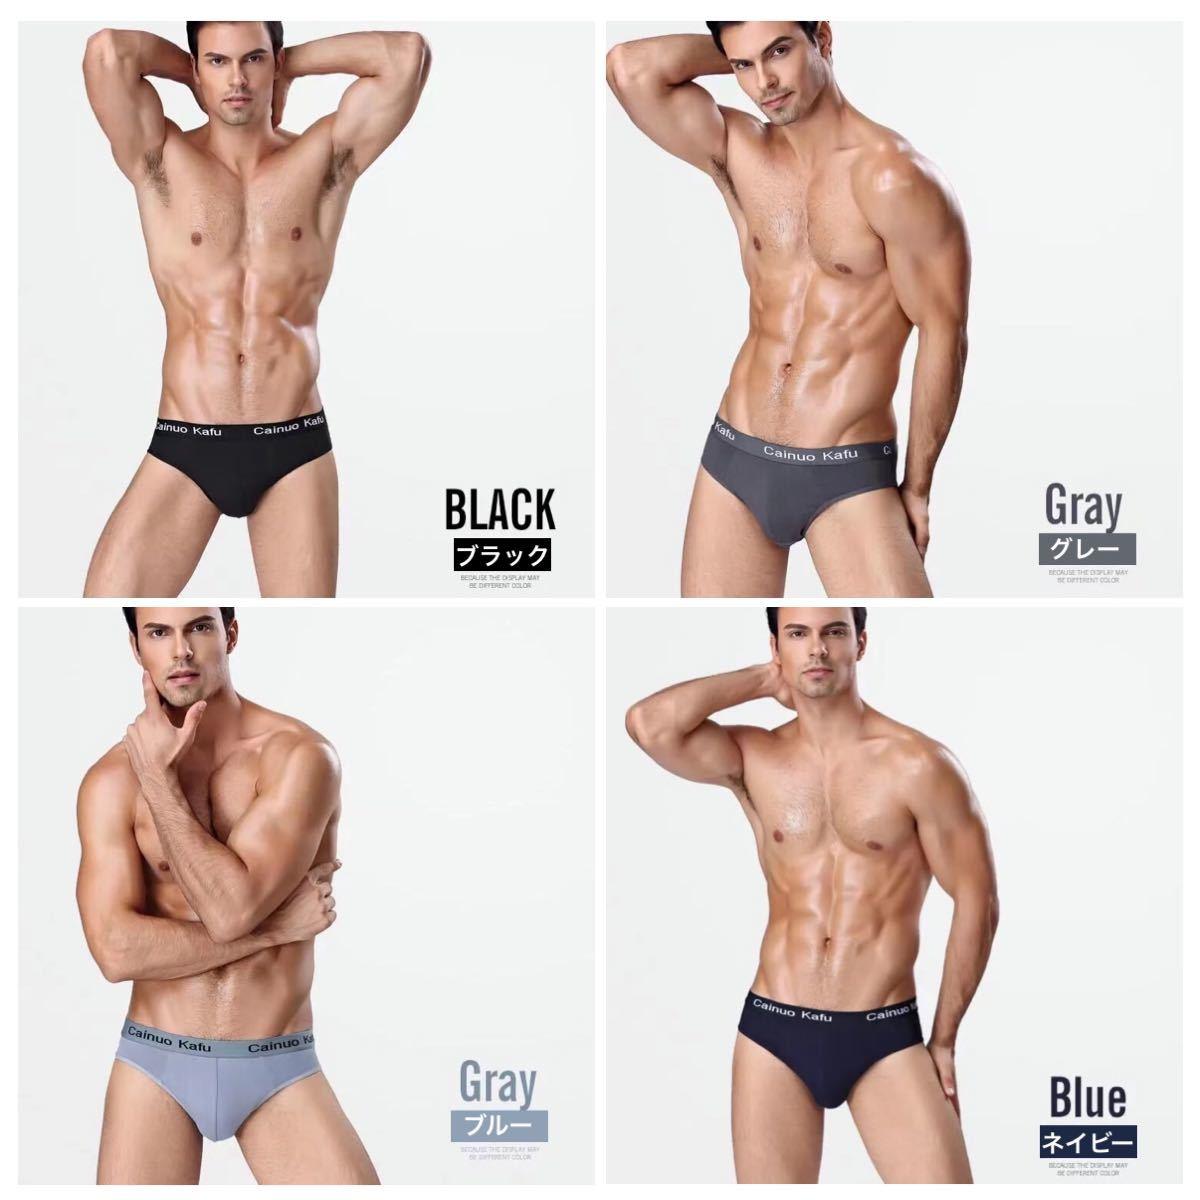 メンズ ビキニパンツ 2枚セット 男性下着 大きいサイズ  シームレス メンズショーツ 綿 ビキニブリーフ まとめ買い